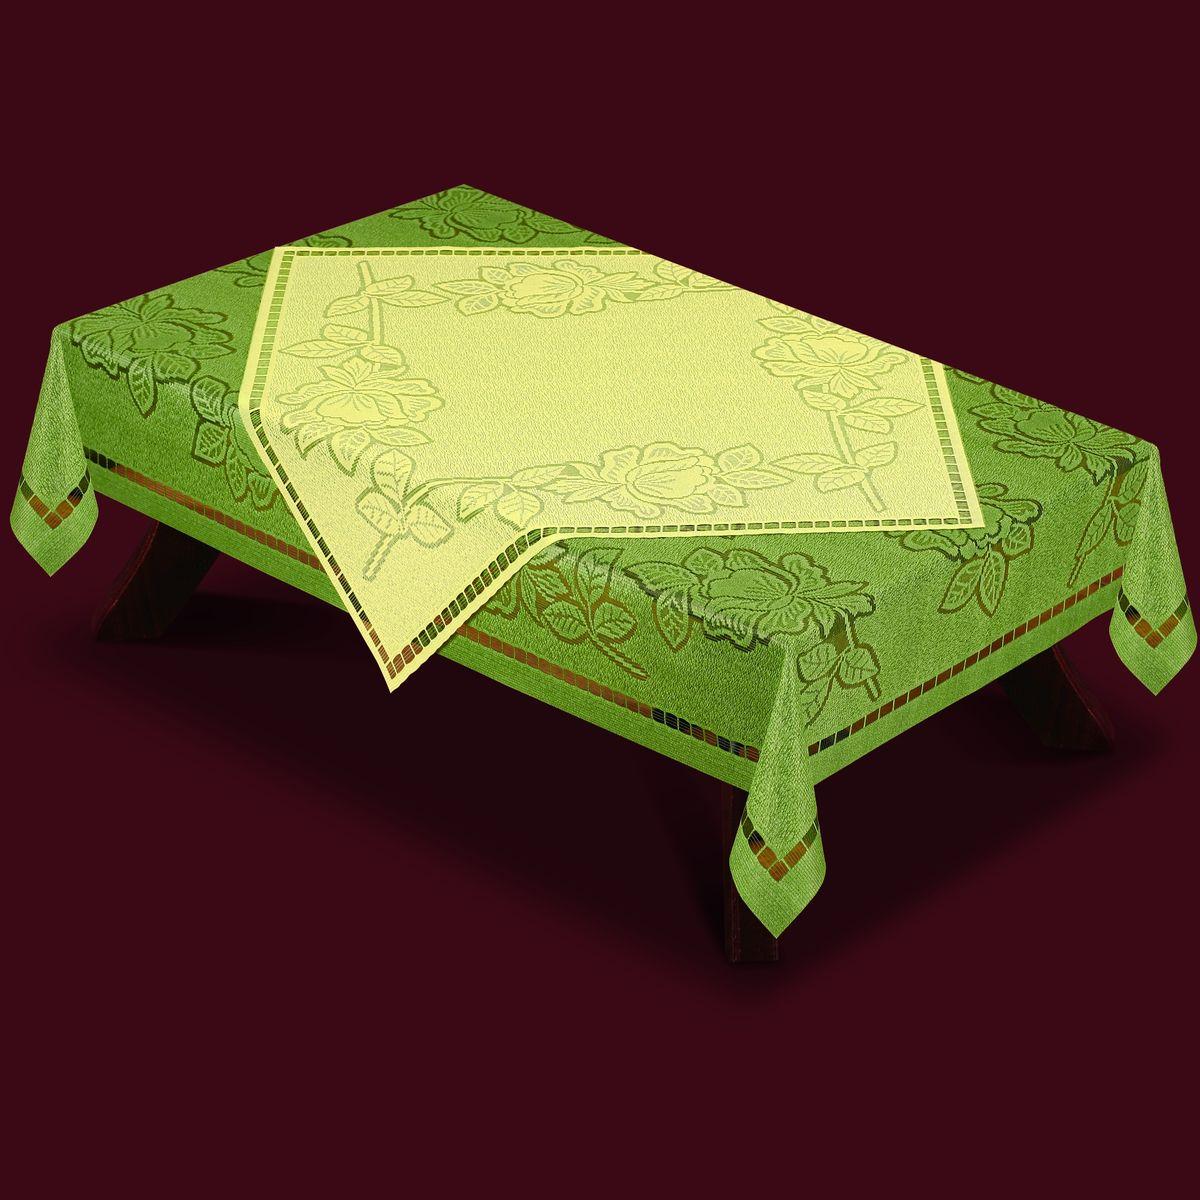 Скатерть Haft, с накладкой, прямоугольная, цвет: оливковый, молочный, 180x 130 см. 46370-13046370-130Великолепная прямоугольная скатерть Haft, выполненная из полиэстера, органично впишется в интерьер любого помещения, а оригинальный дизайн удовлетворит даже самый изысканный вкус. Скатерть изготовлена из сетчатого материала с ажурным цветочным рисунком. В комплекте квадратная накладка, декорированная ажурным цветочным рисунком. Комплект Haft создаст праздничное настроение и станет прекрасным дополнением интерьера гостиной, кухни или столовой. Размер скатерти: 180 см х 130 см.Размер накладки: 80 см х 80 см.